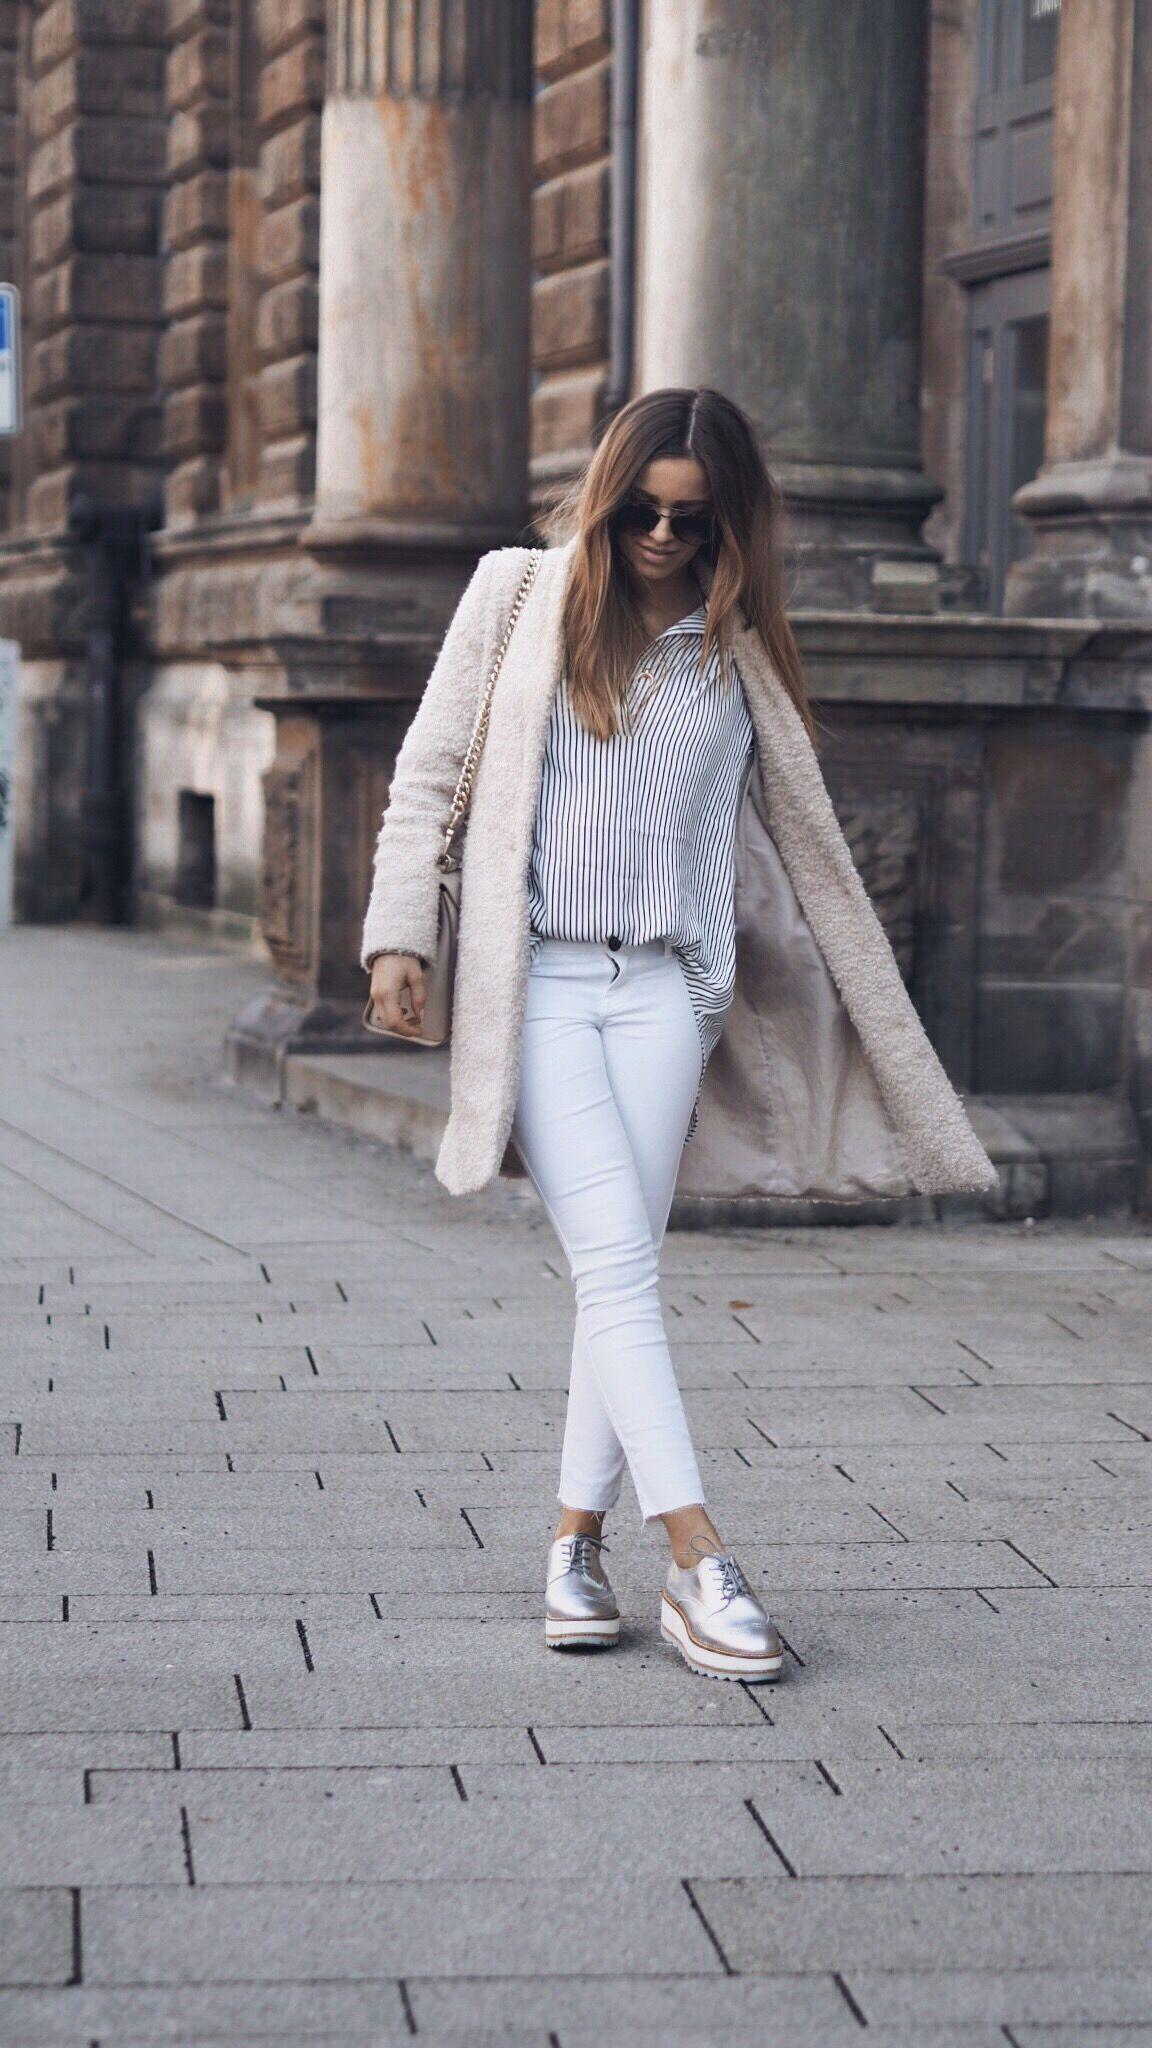 Beeindruckend Blaue Schuhe Kombinieren Dekoration Von Bei Diesem Outfit Habe Ich Ganz Schlichte